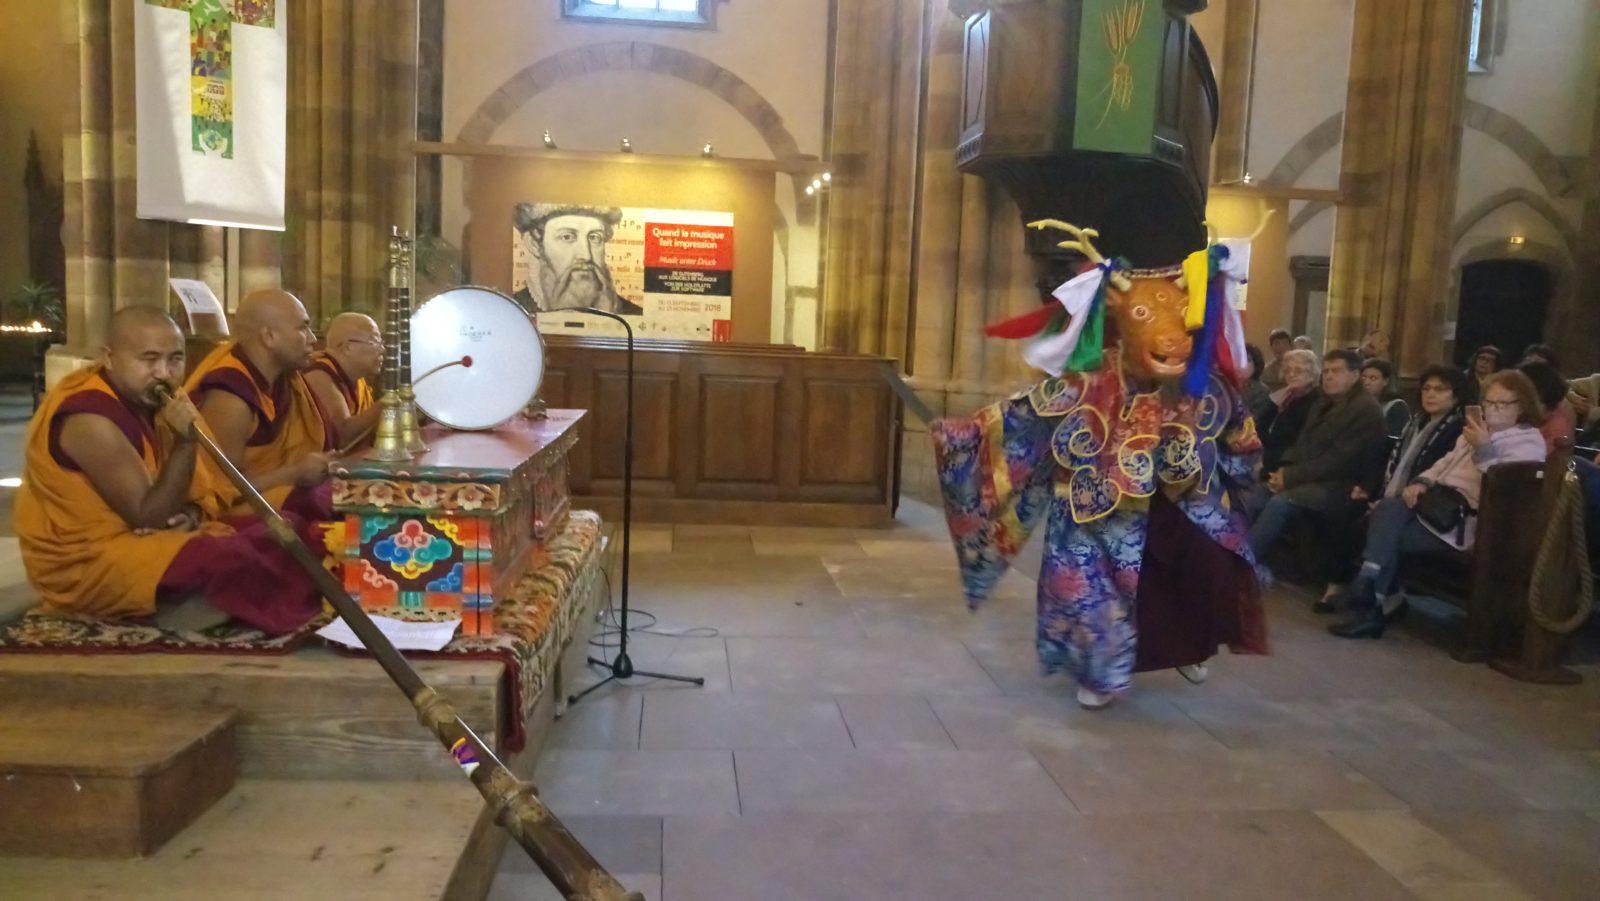 Les moines lors du spectacle de danses et de chants sacrés.